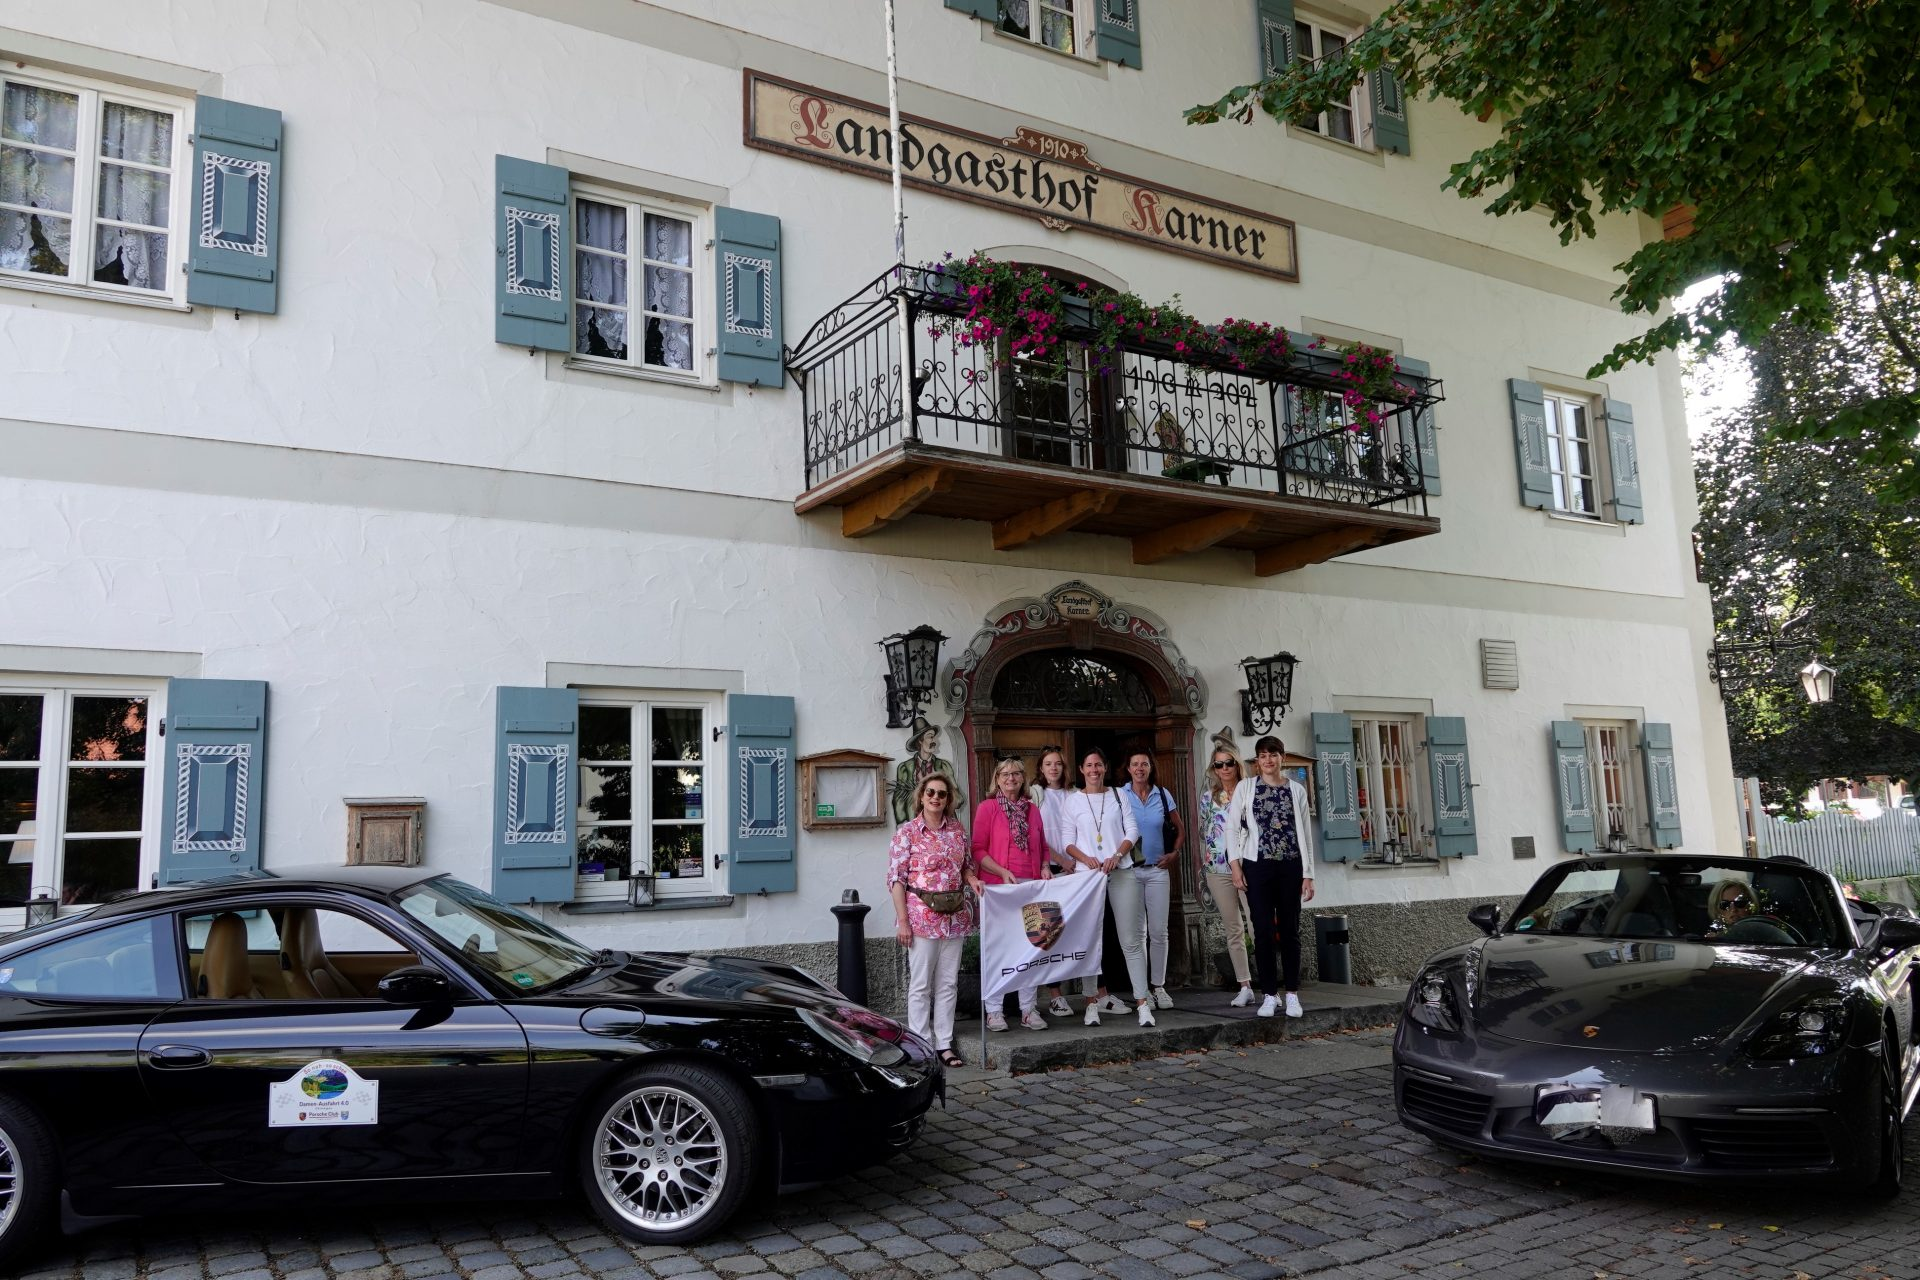 Castlewood Hotels Landgasthof Karner